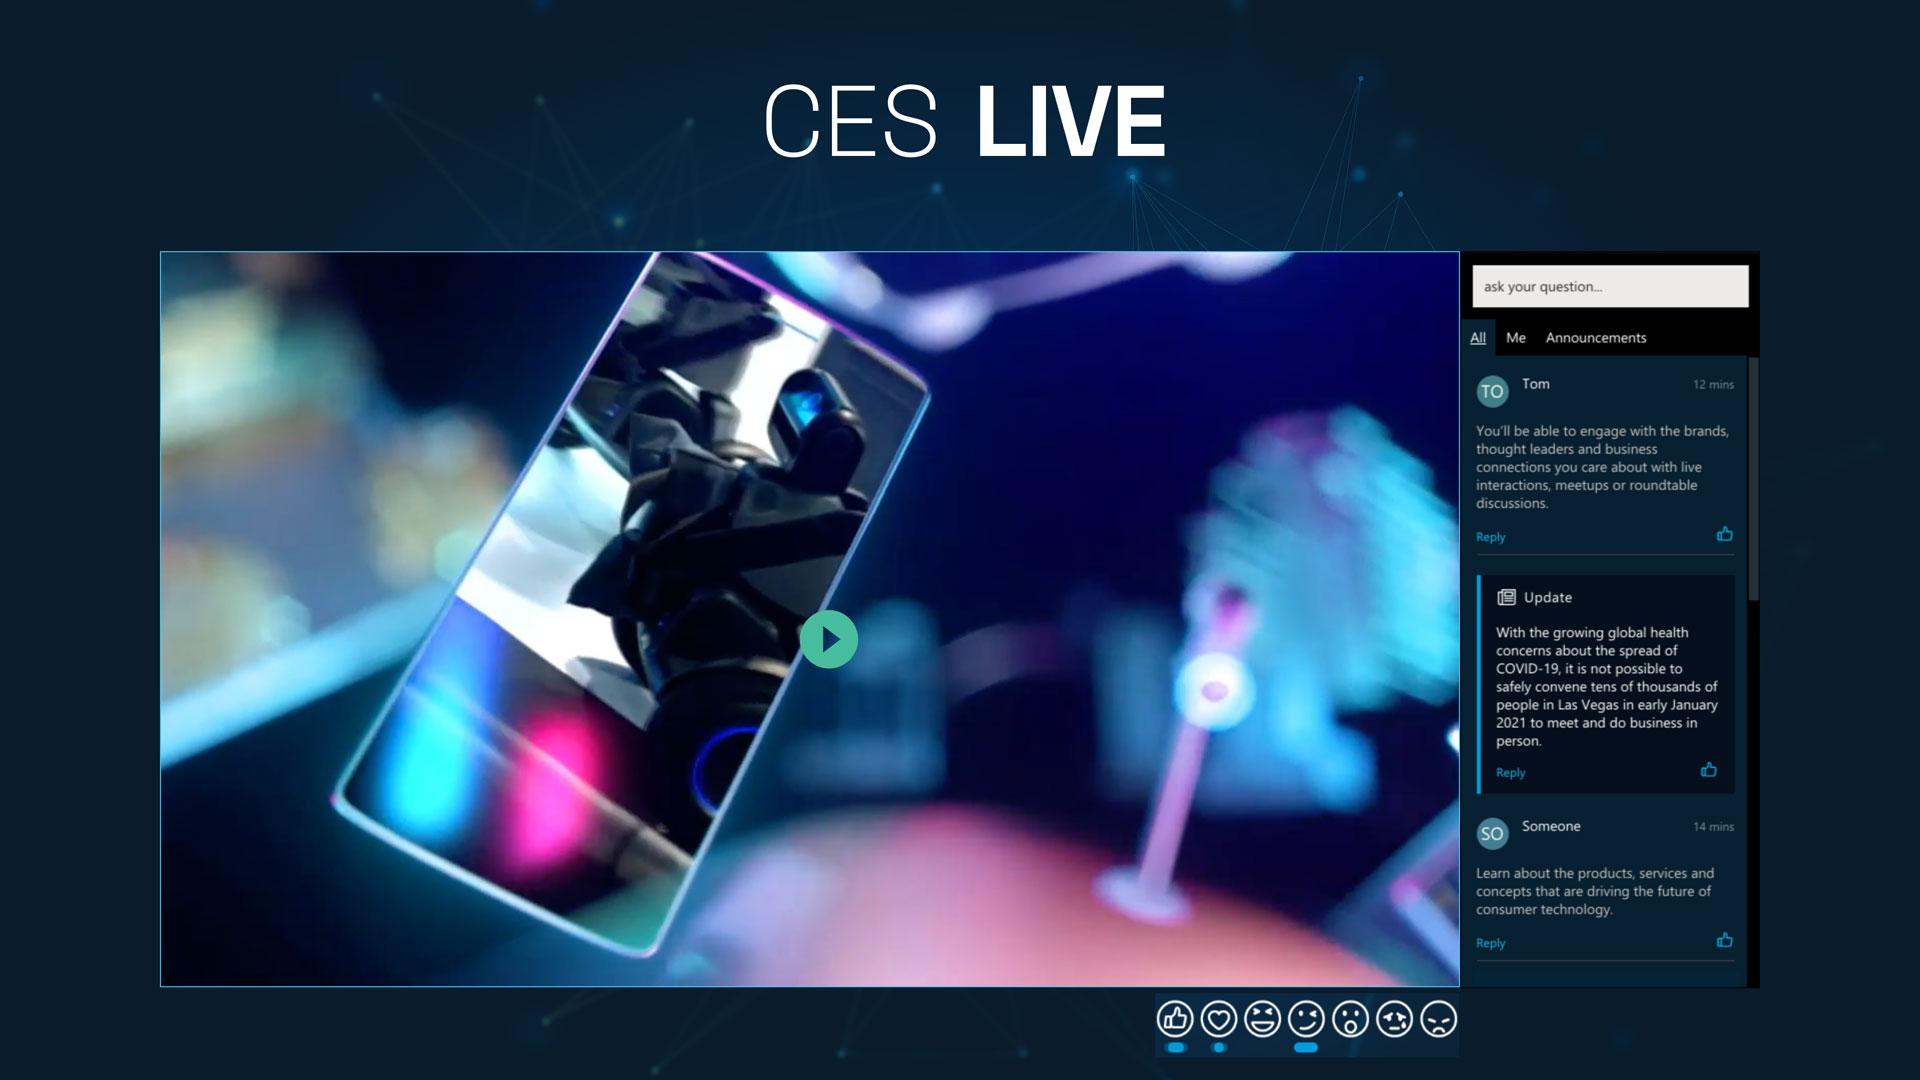 Die Nutzeroberfläche der CES 2021, die ein Live-Video zeigt.